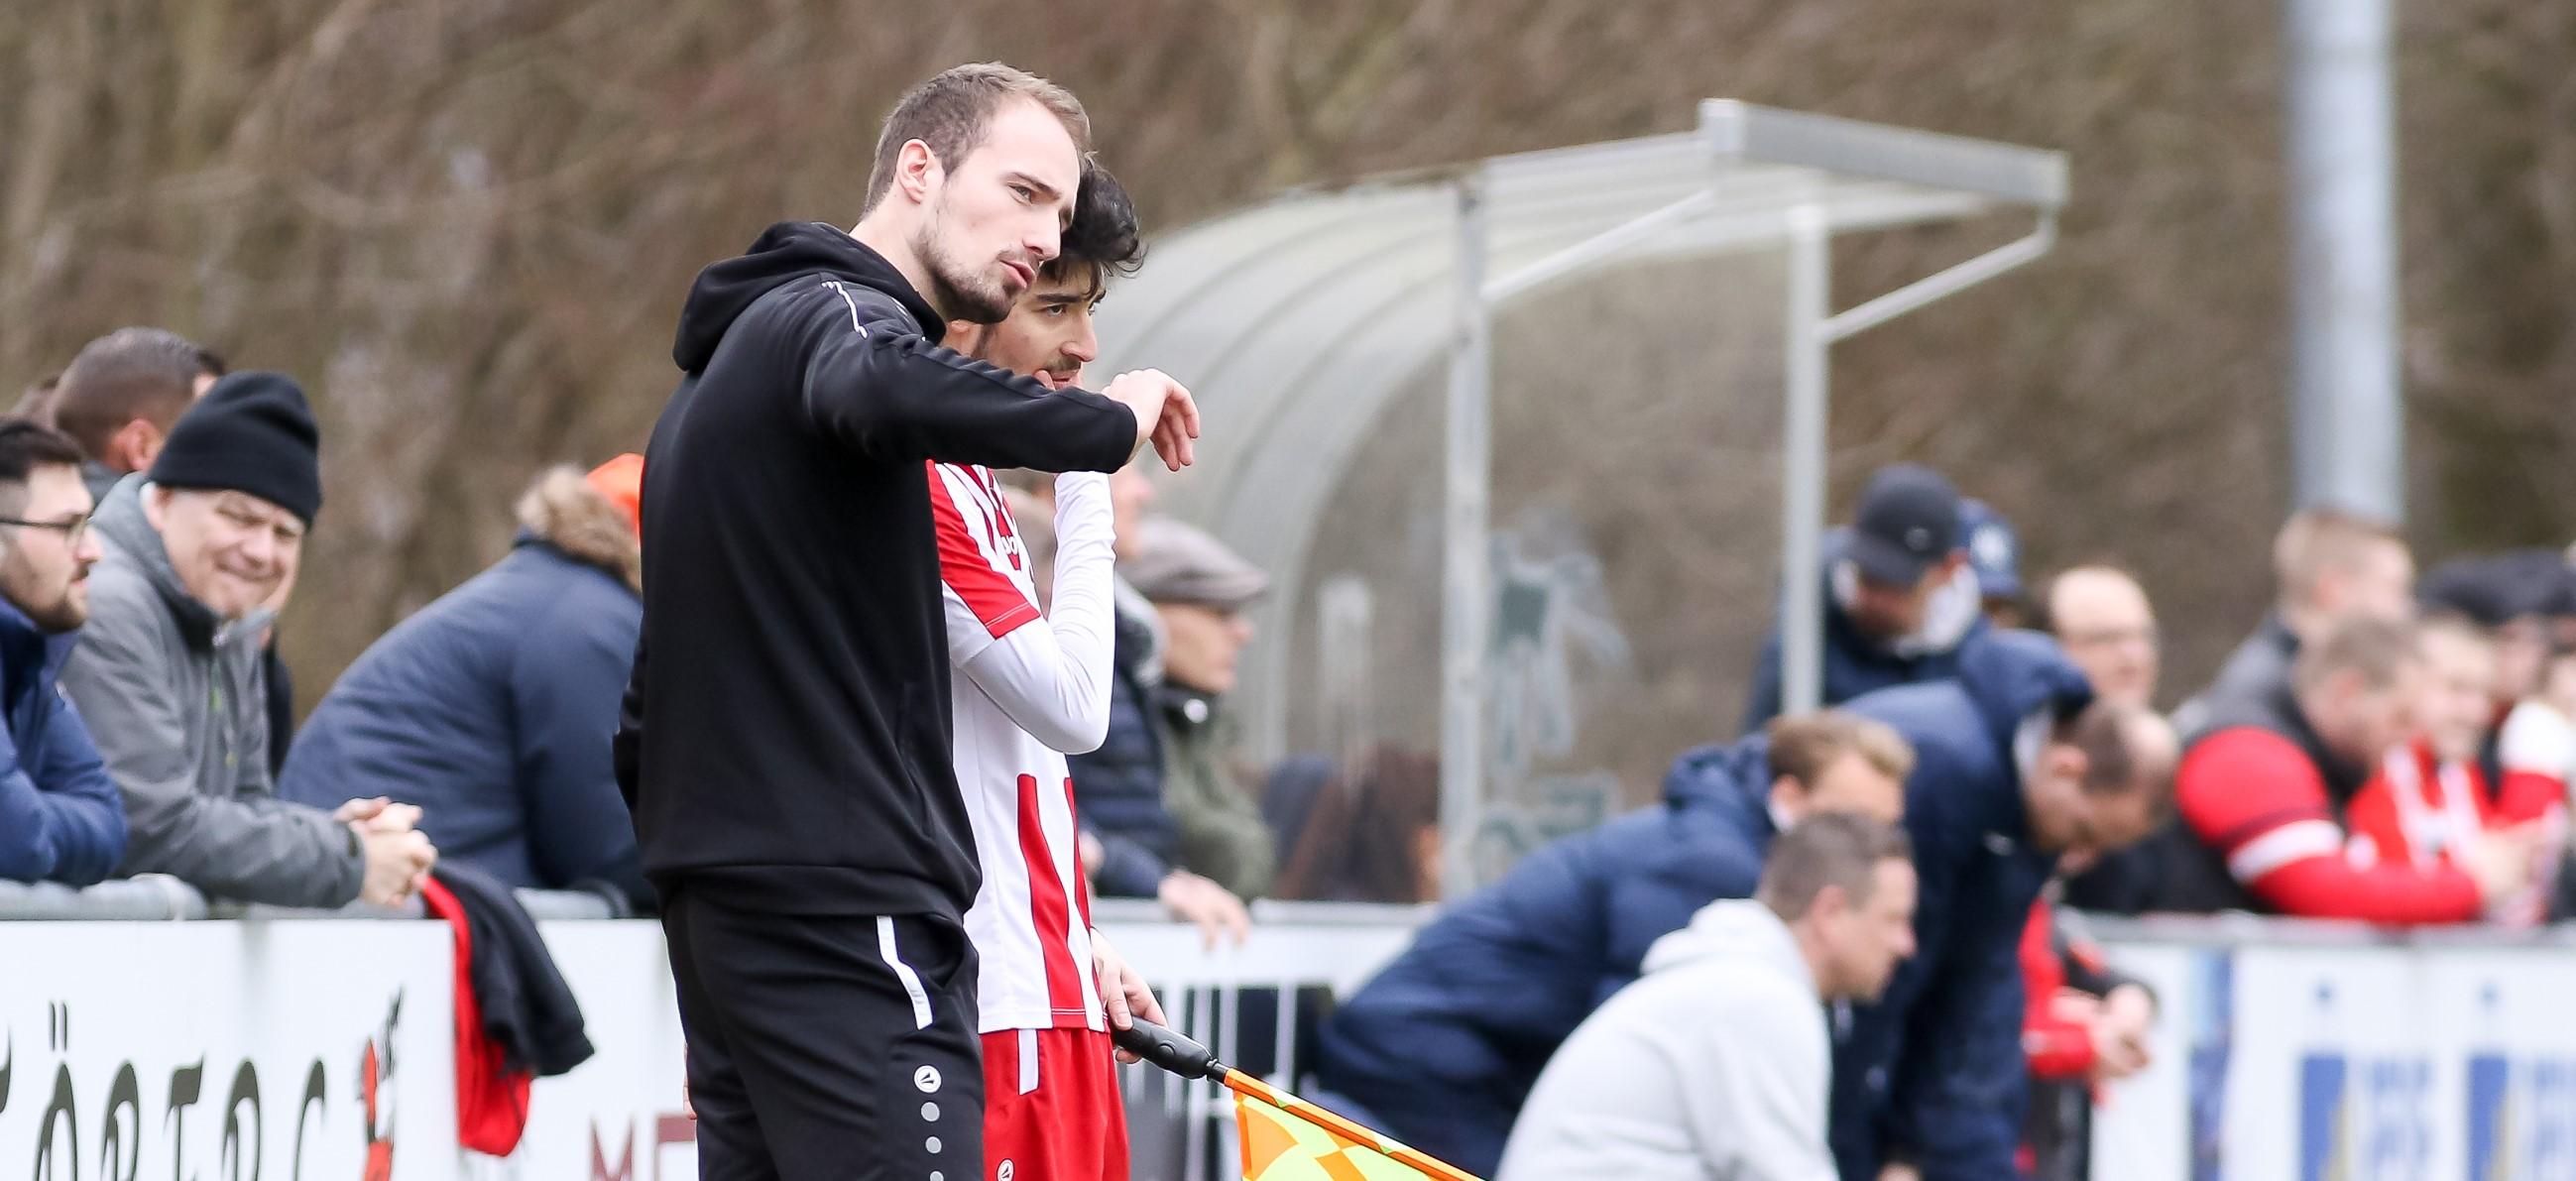 Lars Fleischer startet gegen den MSV Duisburg in die Bundesliga-Saison. (Foto: Endberg)